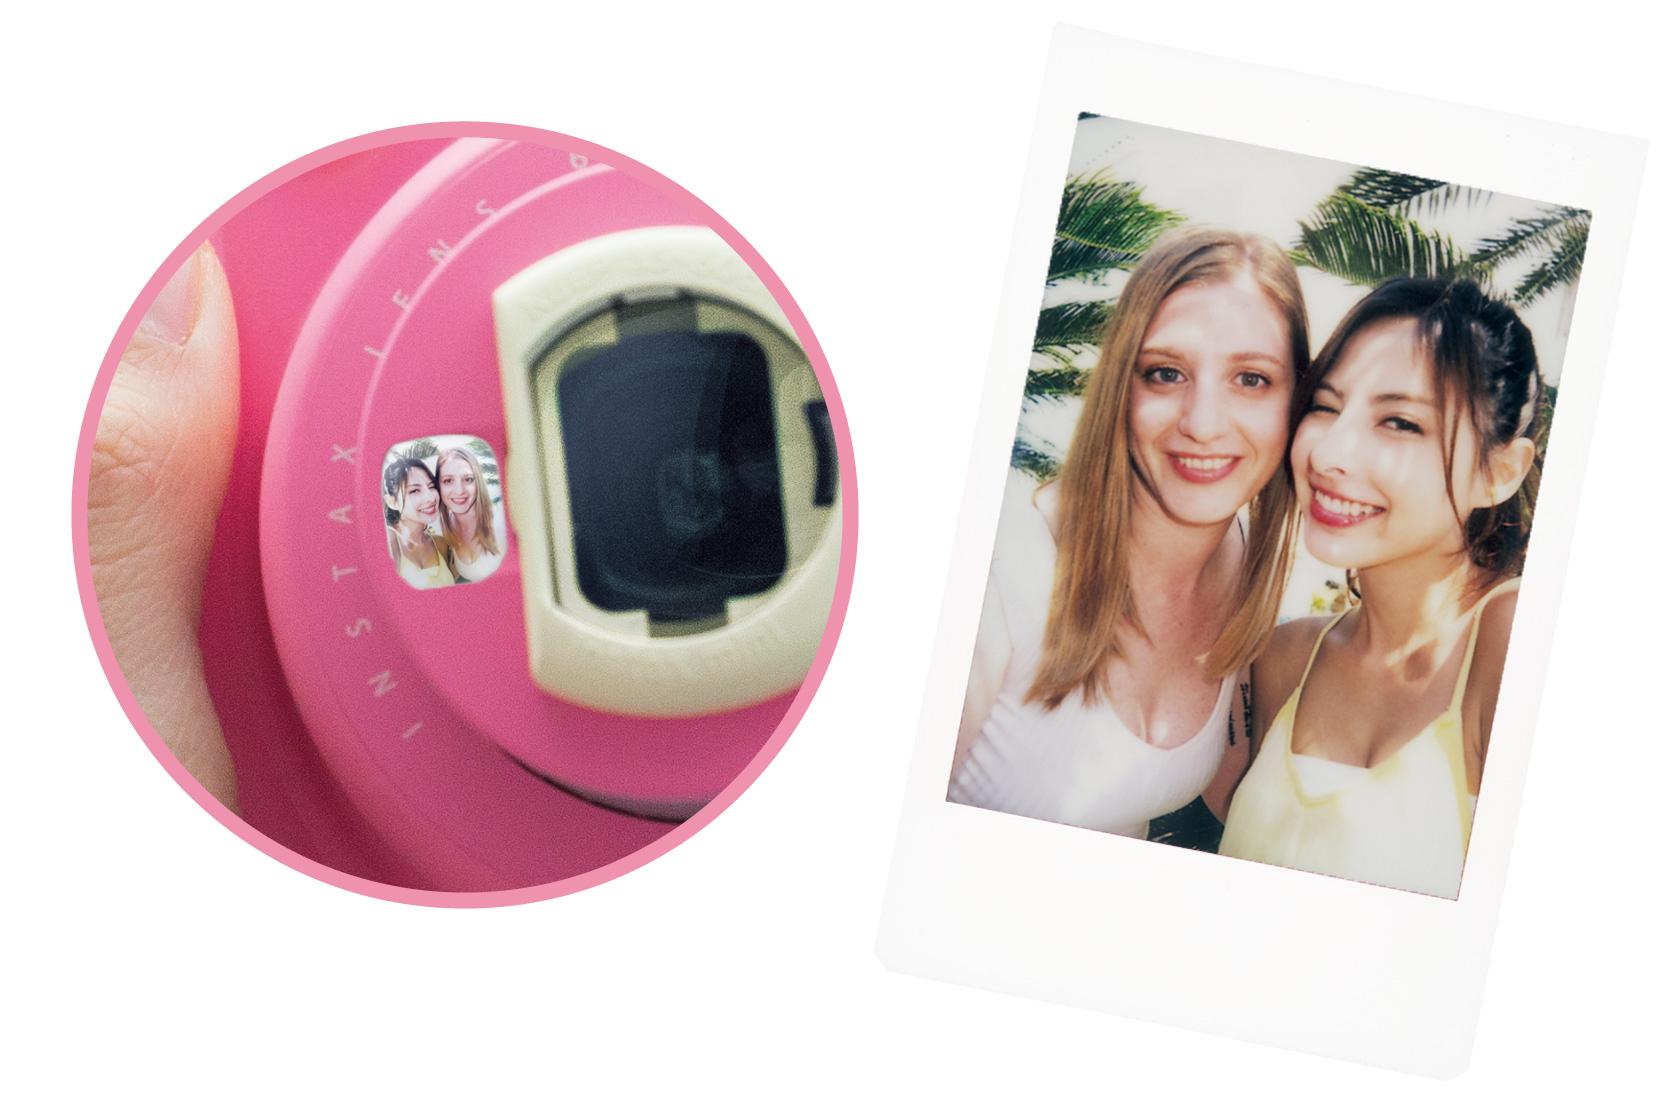 [photo] 핑크 인스탁스 미니9의 전면 거울 클로즈업